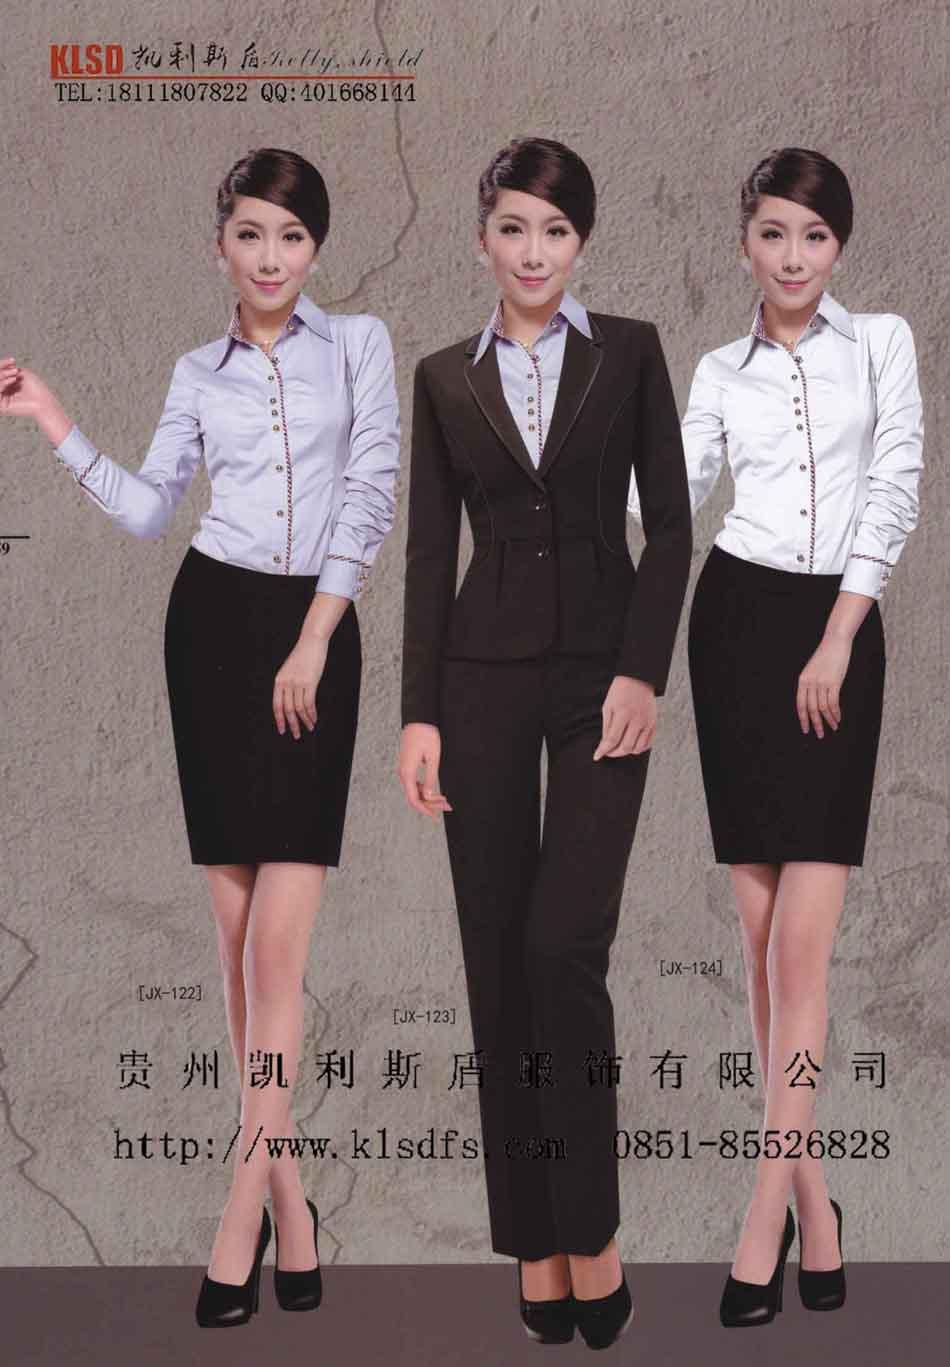 可信赖的服装定制西服服务_高效的贵州服装厂